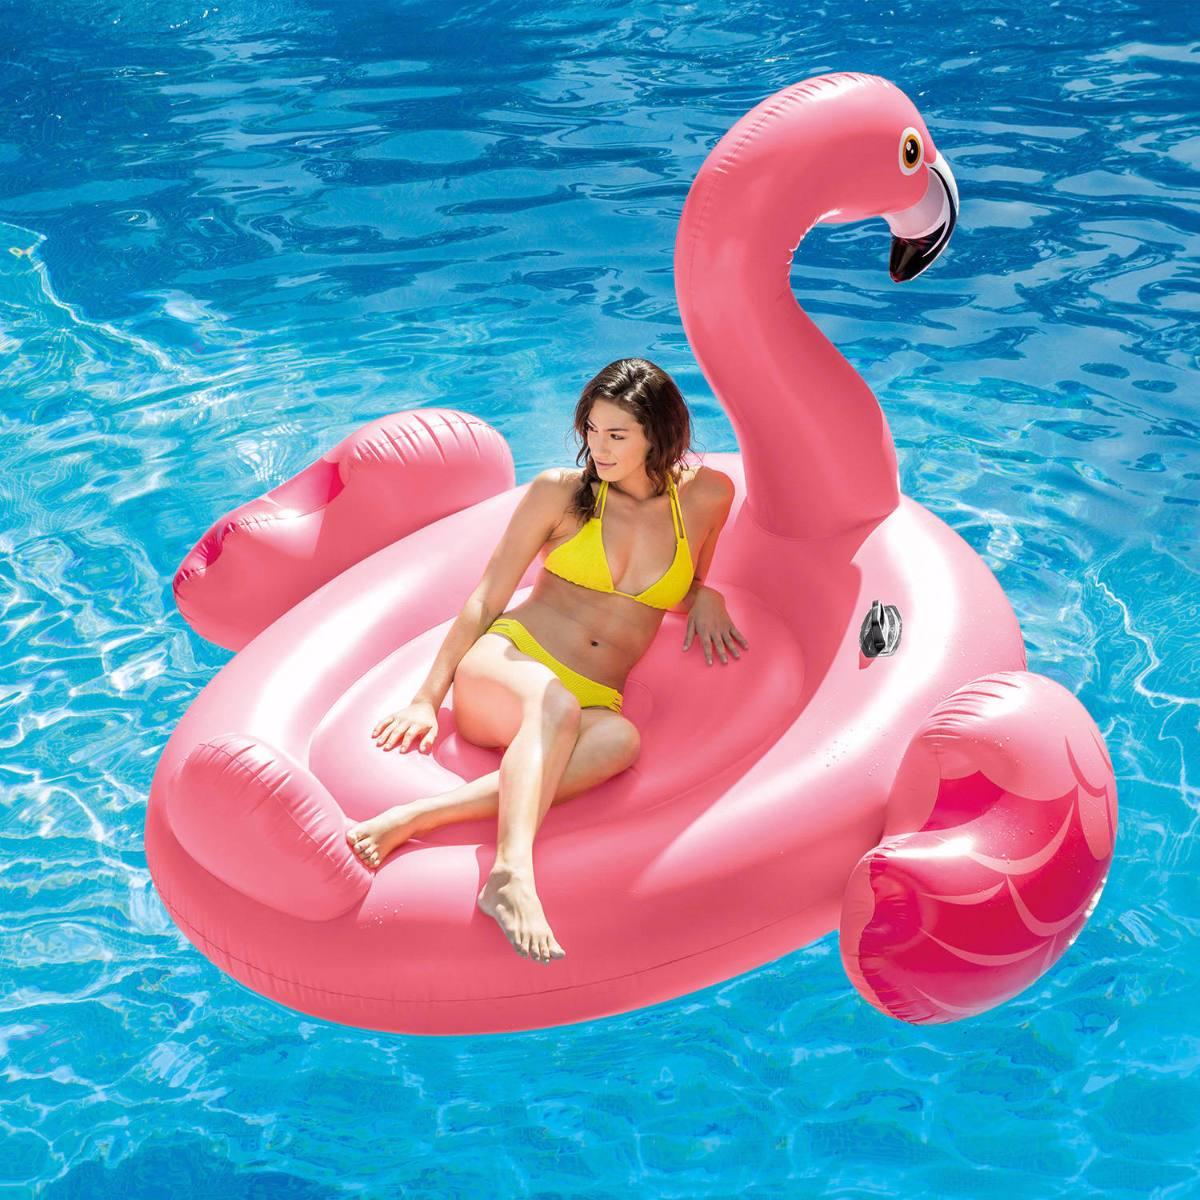 Boias piscina intex flamingo gigante pronta entrega r for Caillou na piscina